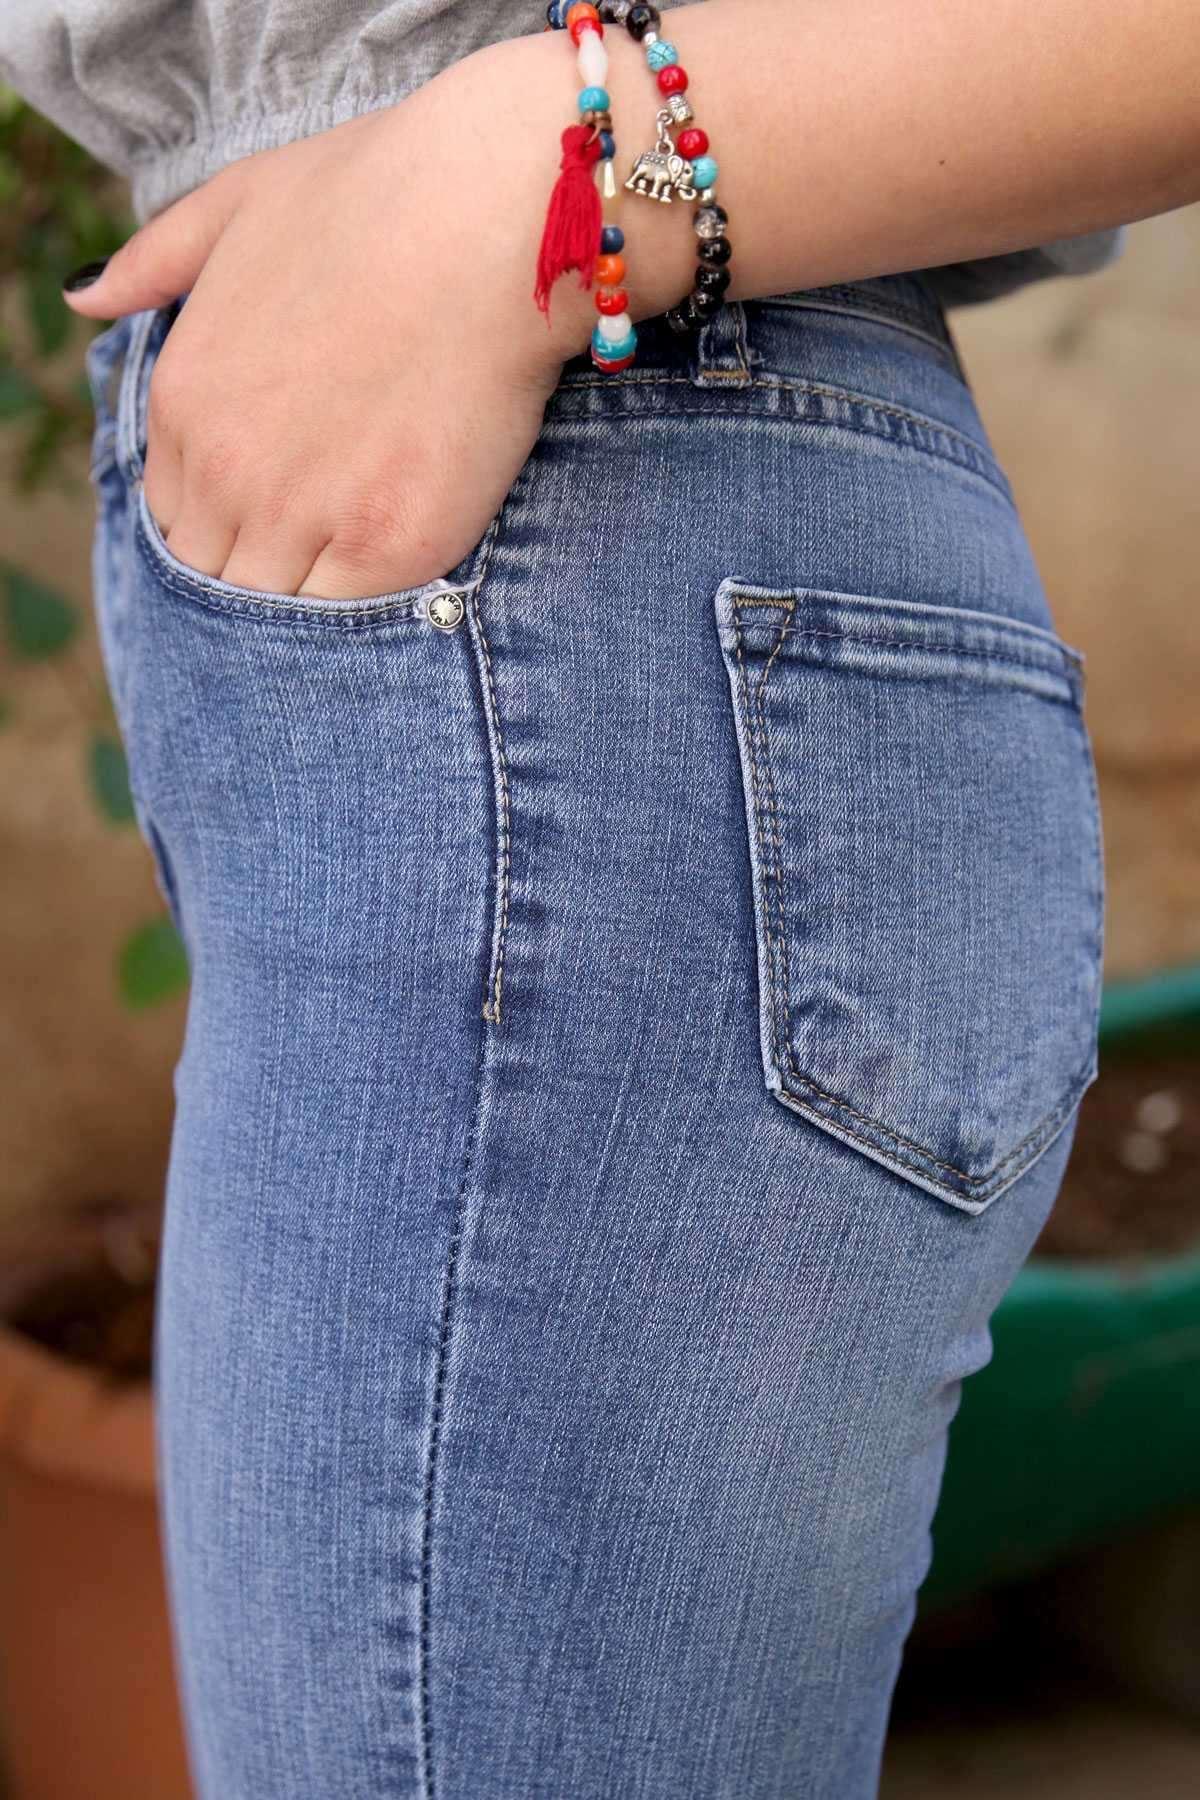 Lazer Pençeli Paçası Püsküllü Slim Fit Kot Pantolon Açık-Lacivert